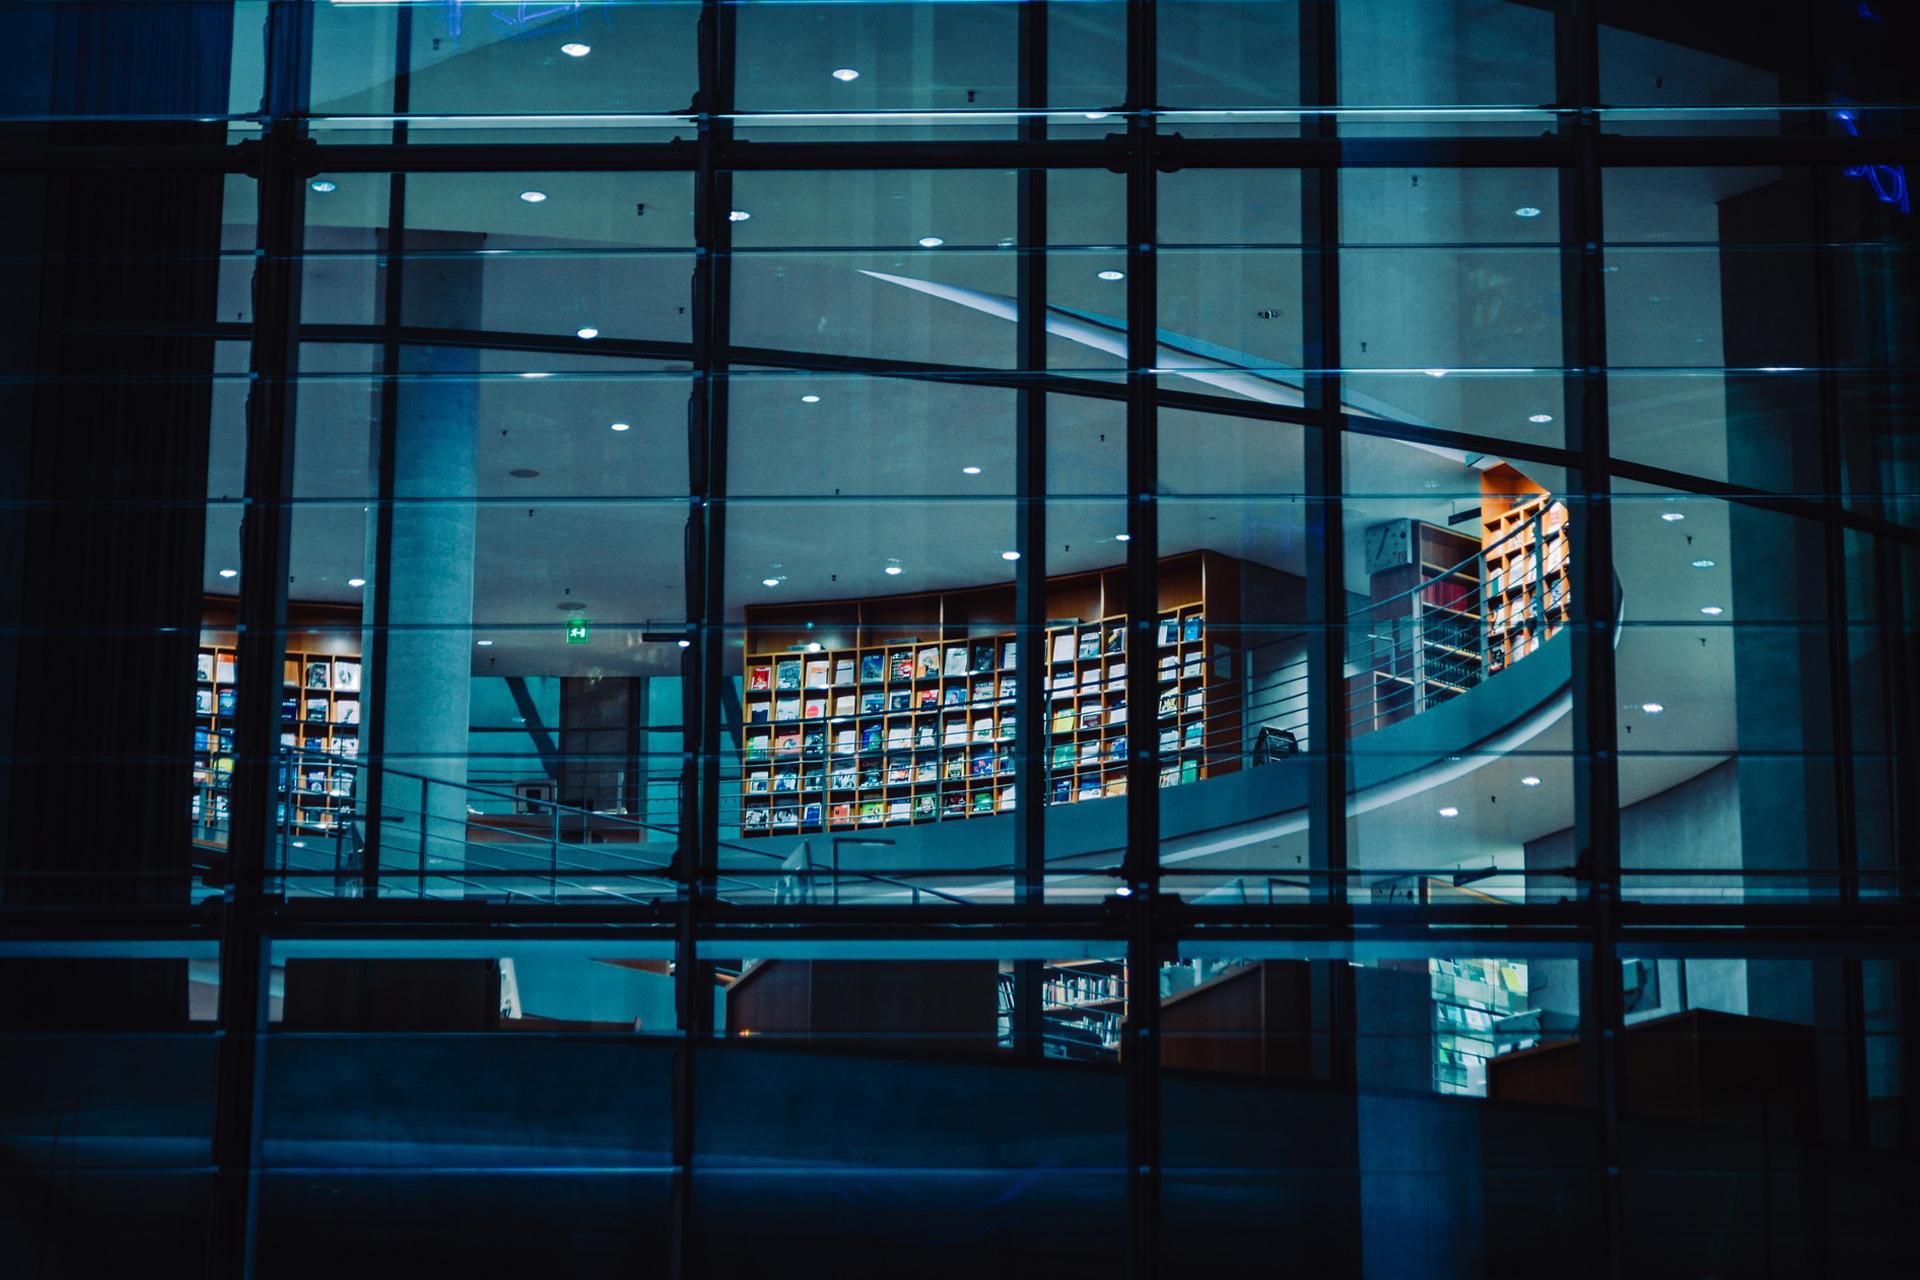 Рост рынка EdTech: причины, особенности и венчурные инвестиции